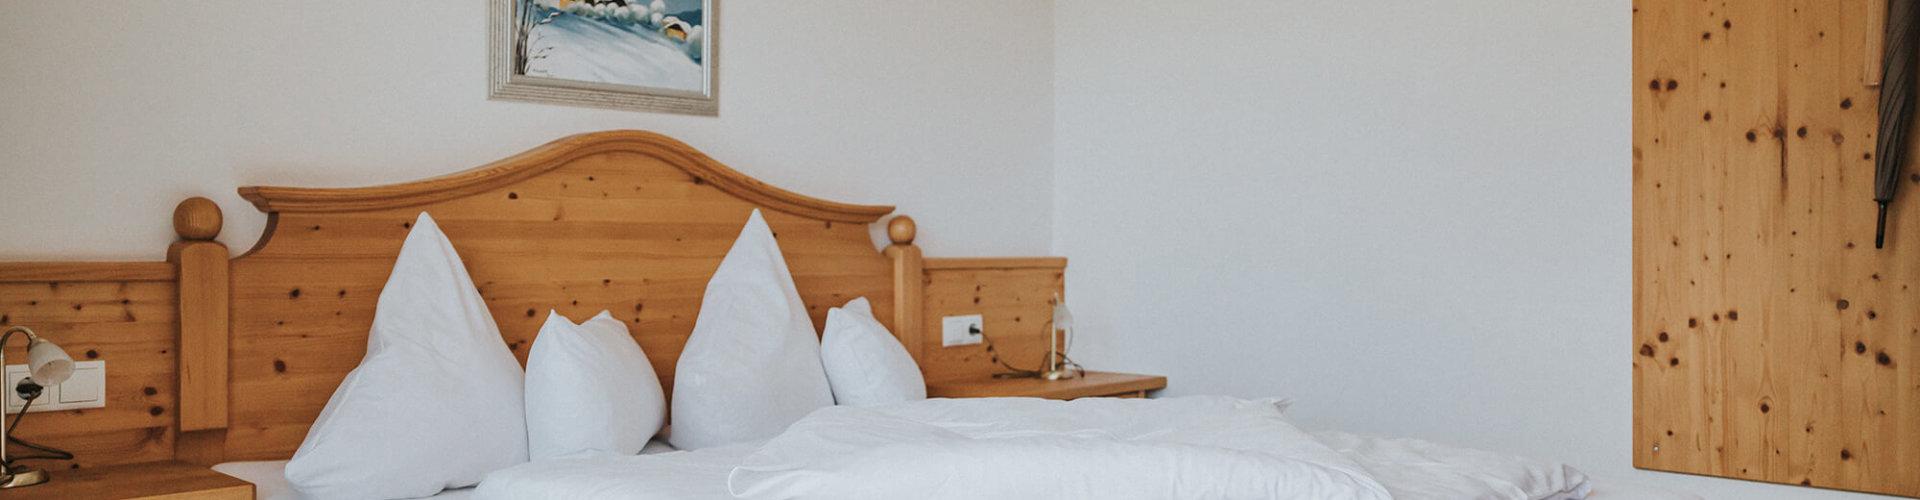 Panorama Doppelzimmer Bett